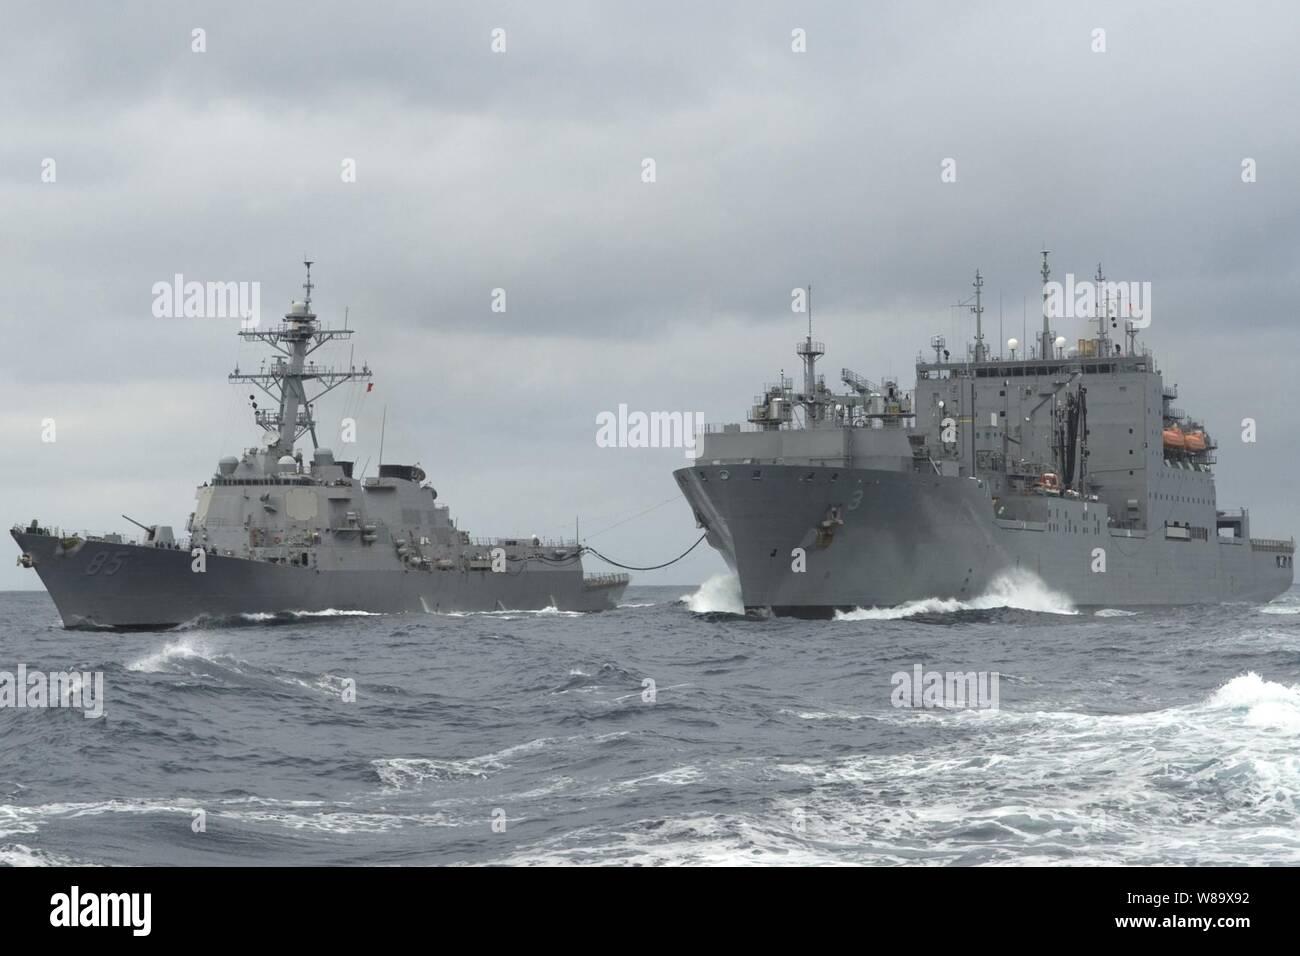 El misil guiado por el destructor USS McCampbell (DDG 85) realiza un curso reabastecimiento en el mar con el buque de mando de Transporte Marítimo Militar USNS Alan Shepard (T-AKE 3) en el Océano Pacífico el 4 de marzo de 2009. La McCampbell es uno de los siete de la clase Arleigh Burke de destructores asignados a Destroyer Squadron 15 y está permanentemente desplegadas a Yokosuka, Japón. Foto de stock